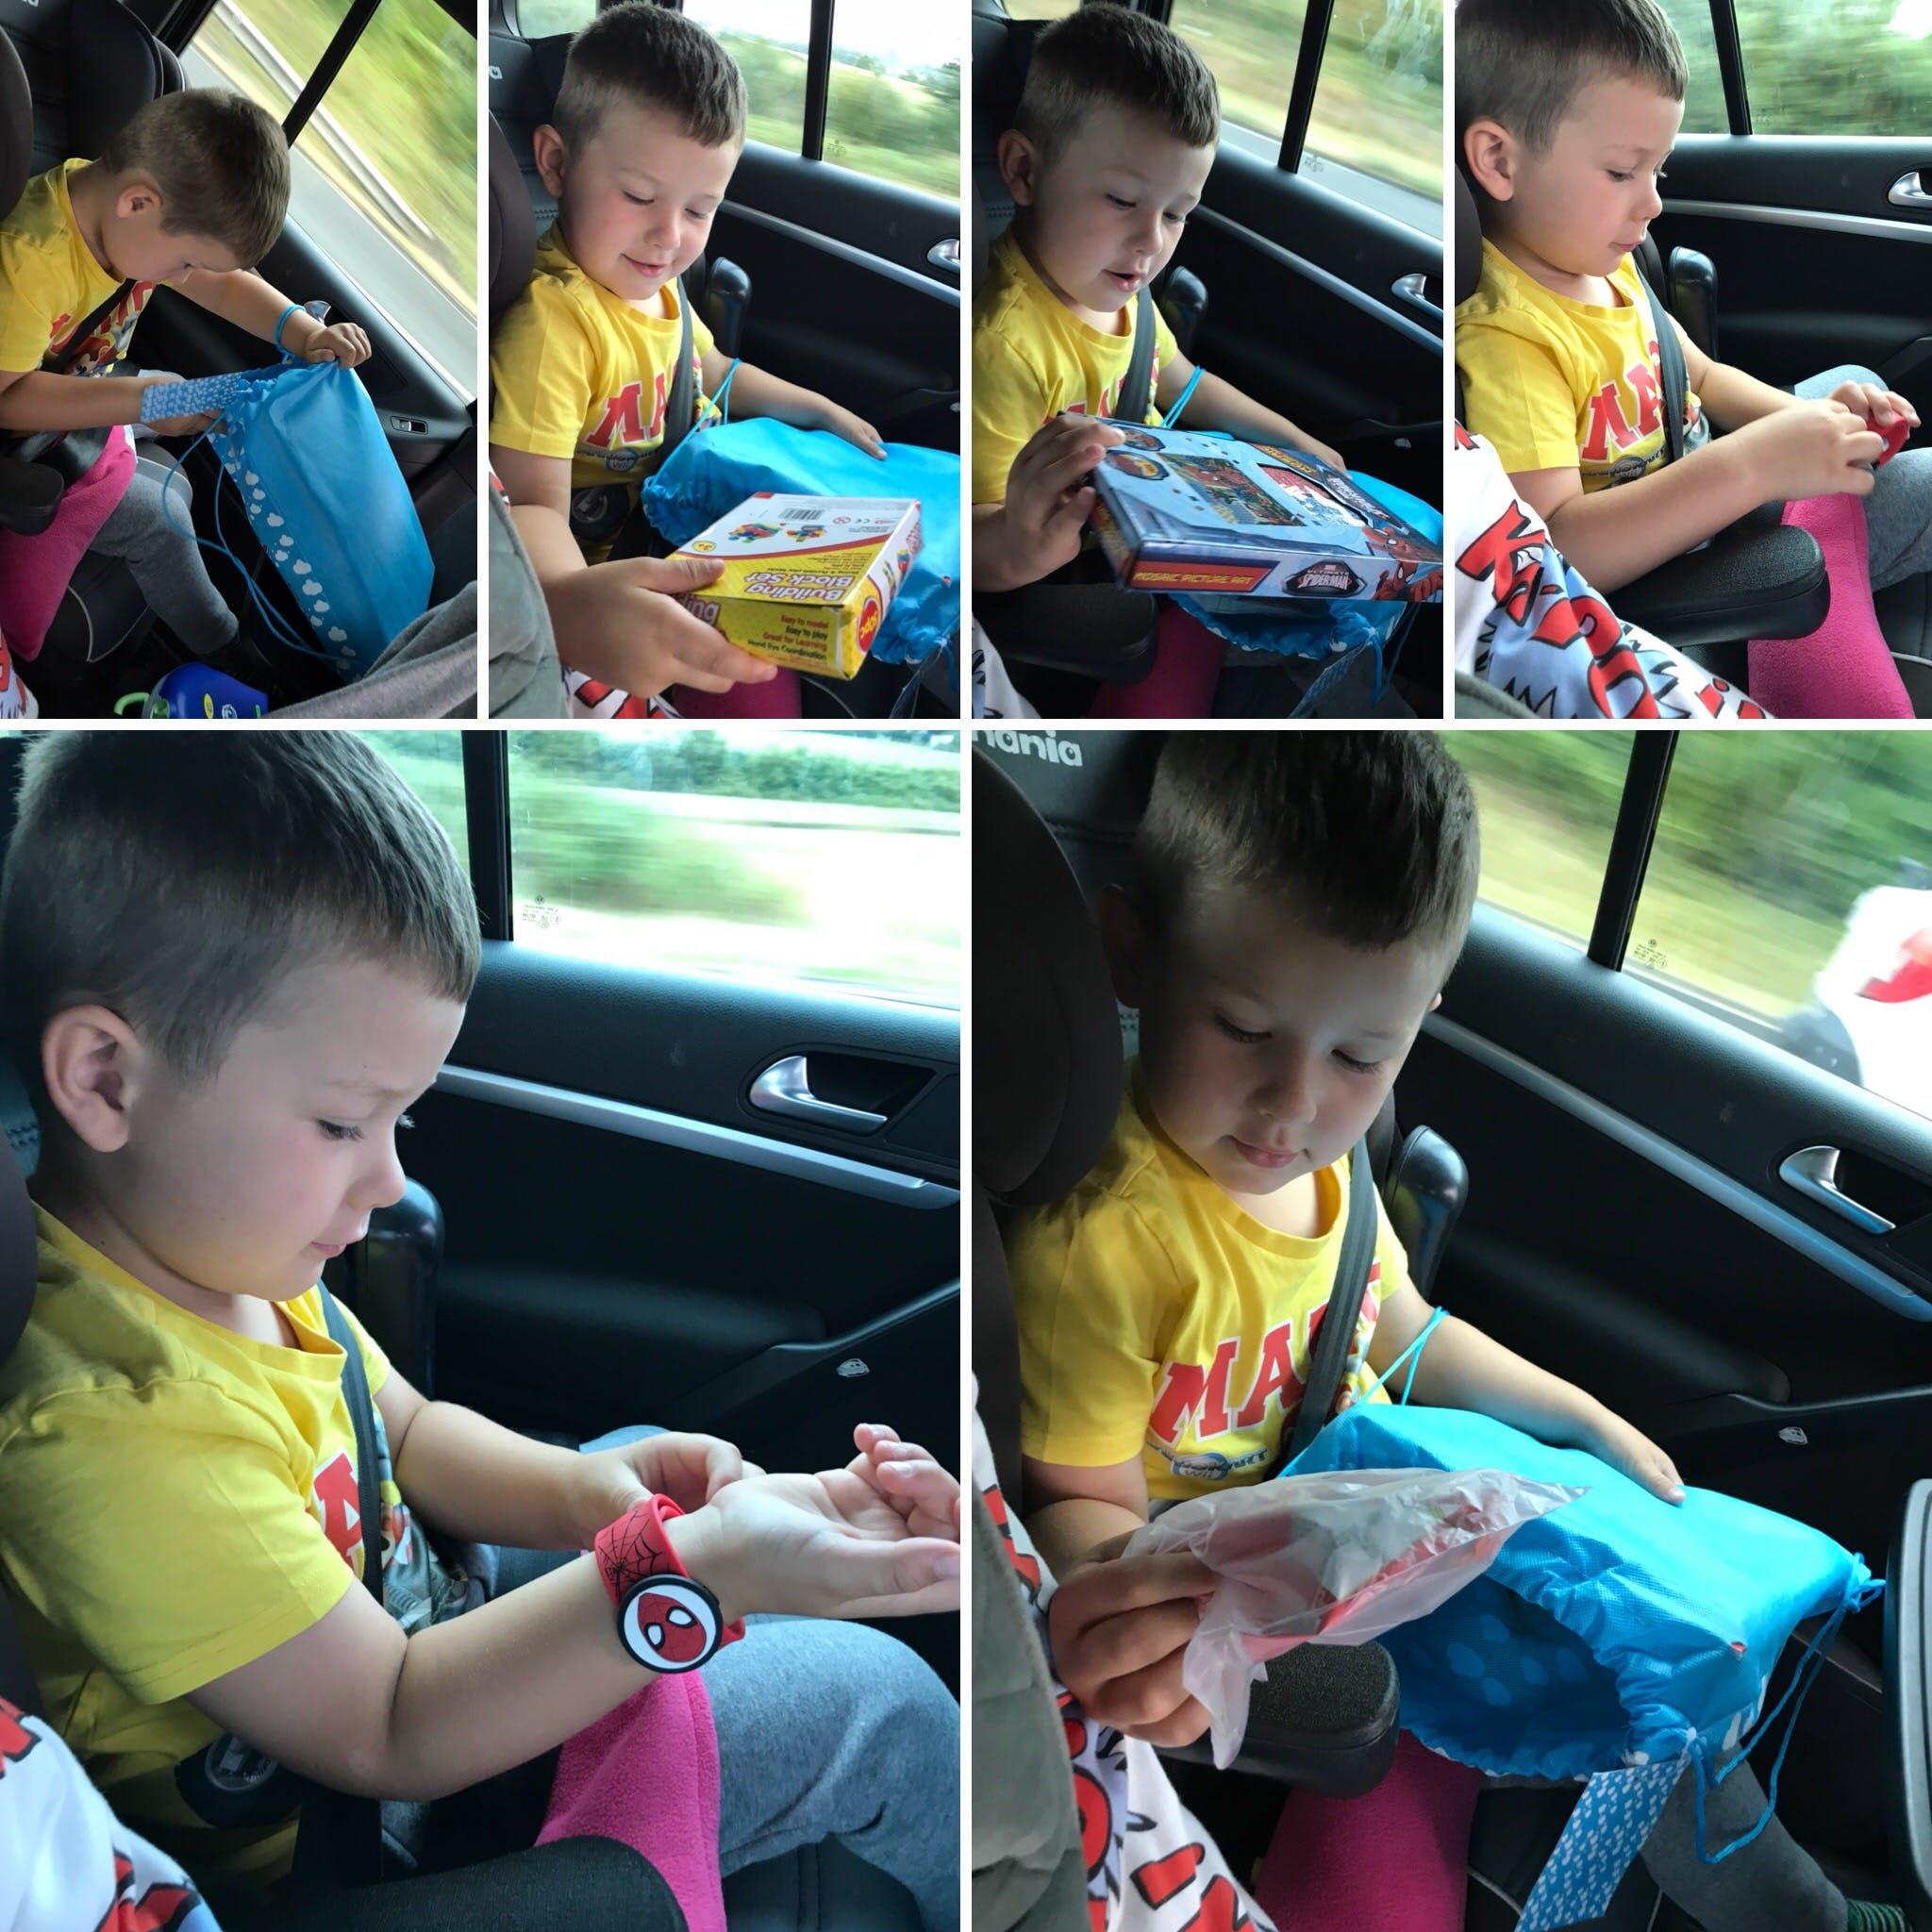 Medium Trip: For Boys Age 3-5 Years